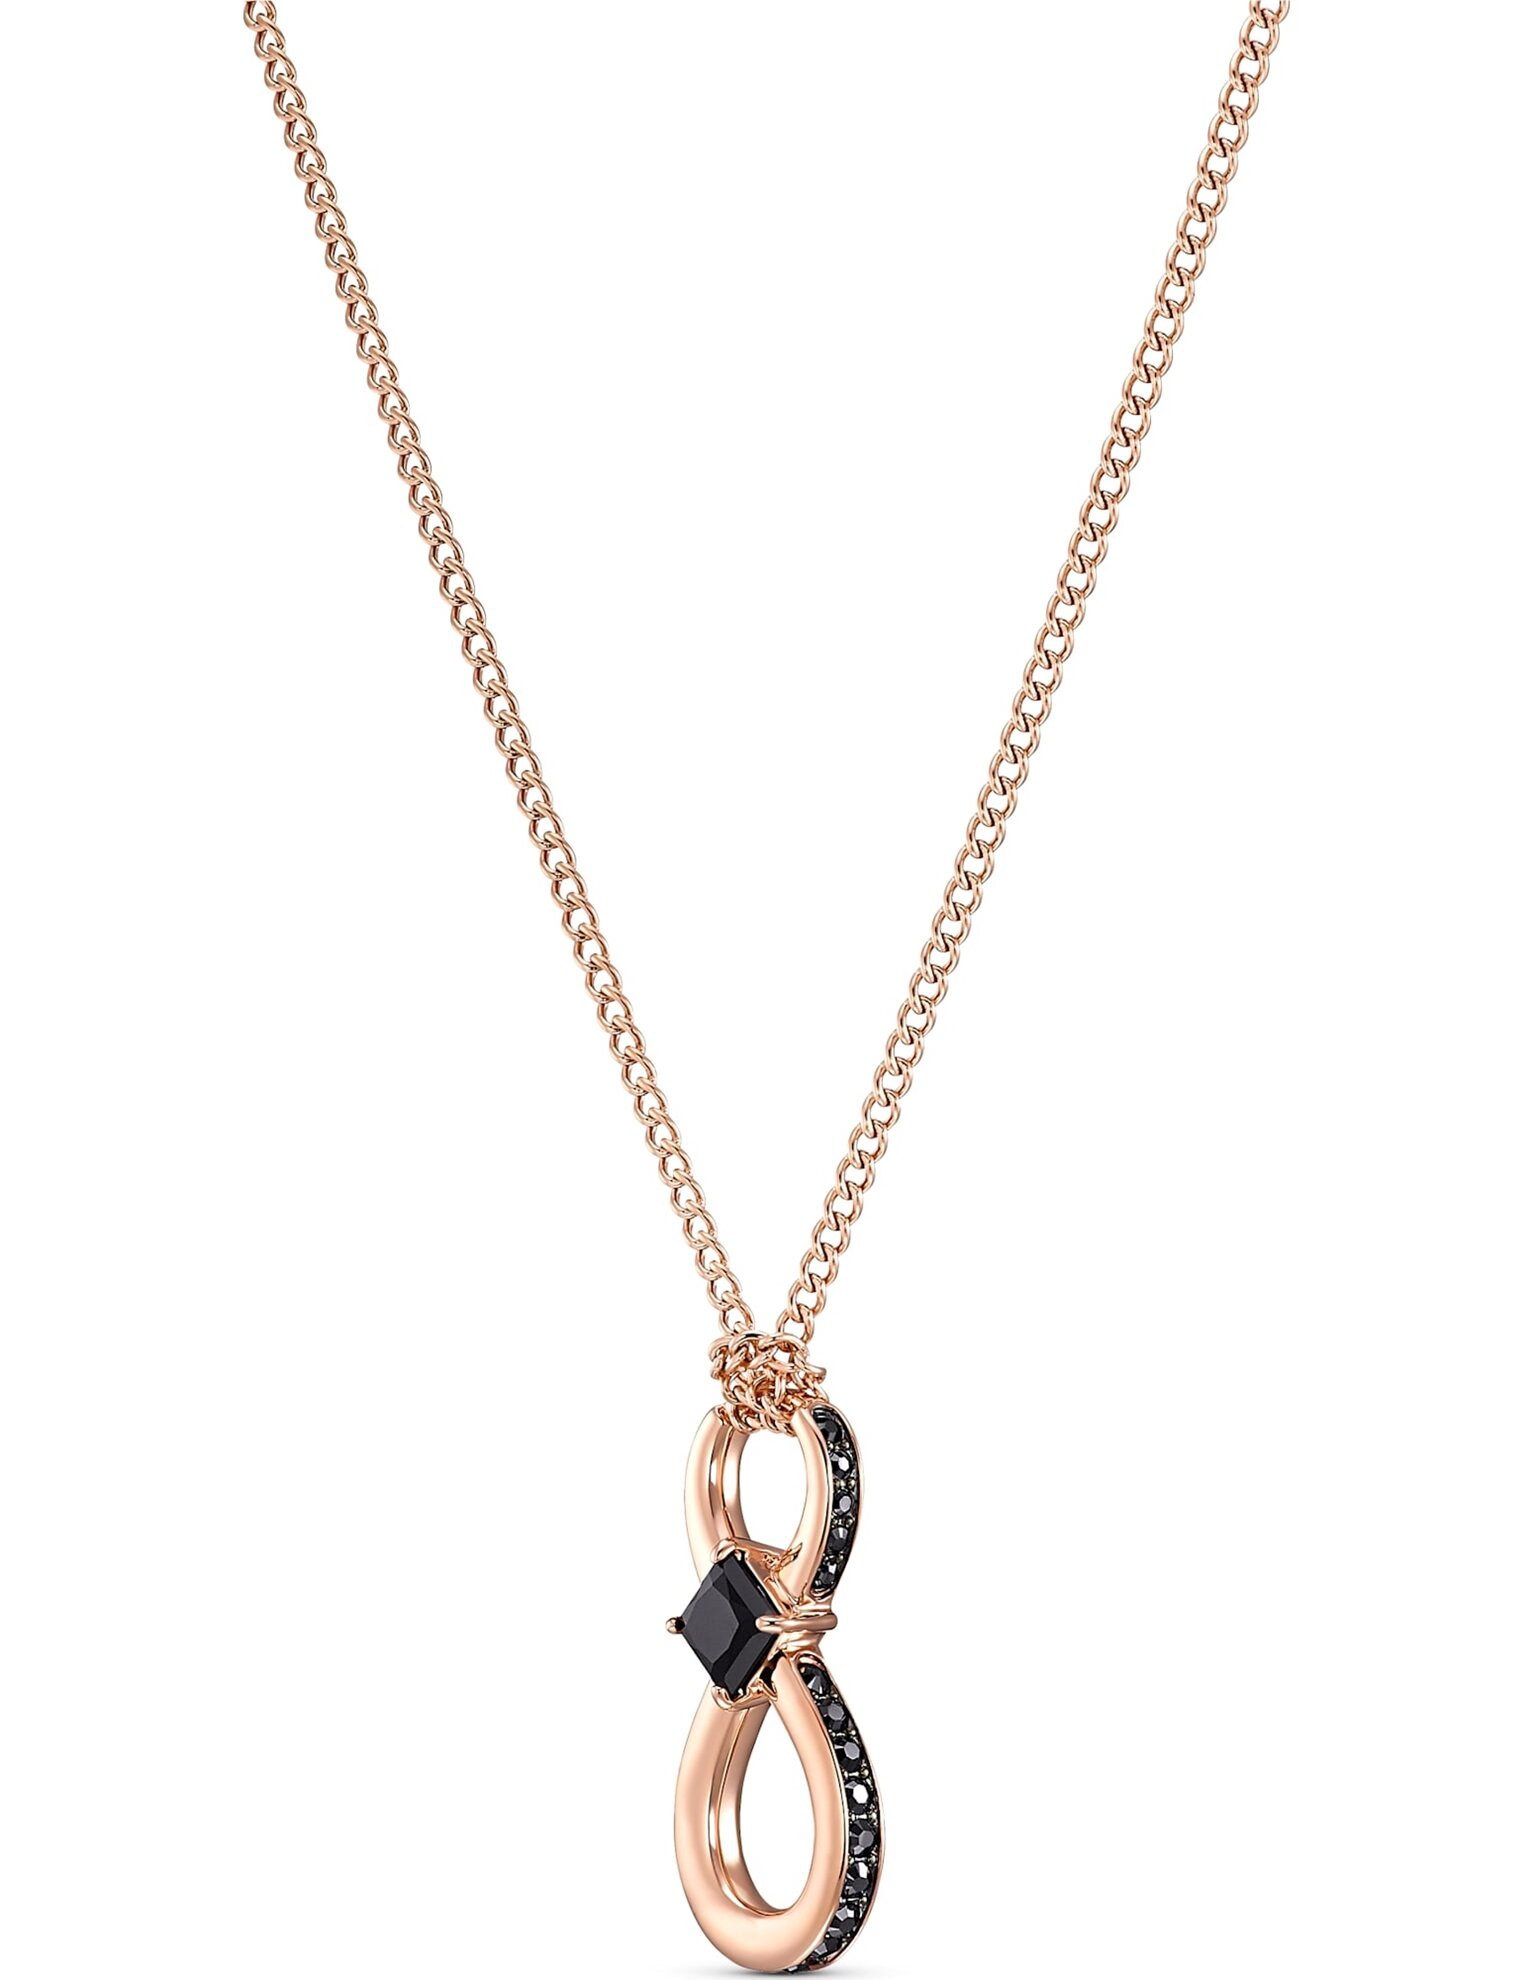 Picture of Swarovski Infinity kolye, Siyah, Pembe altın rengi kaplama